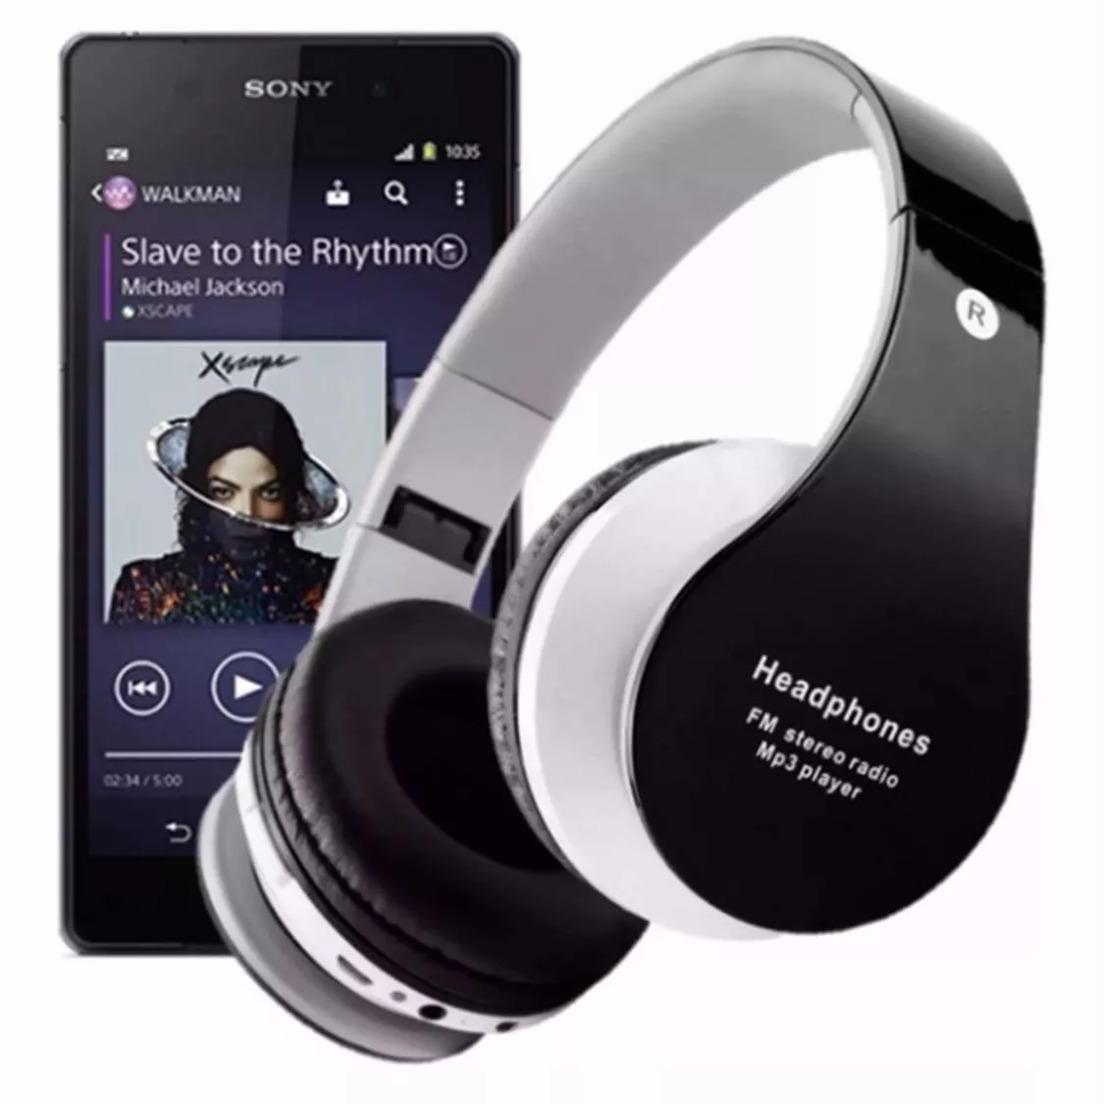 Musica boa de ouvir - 1 3